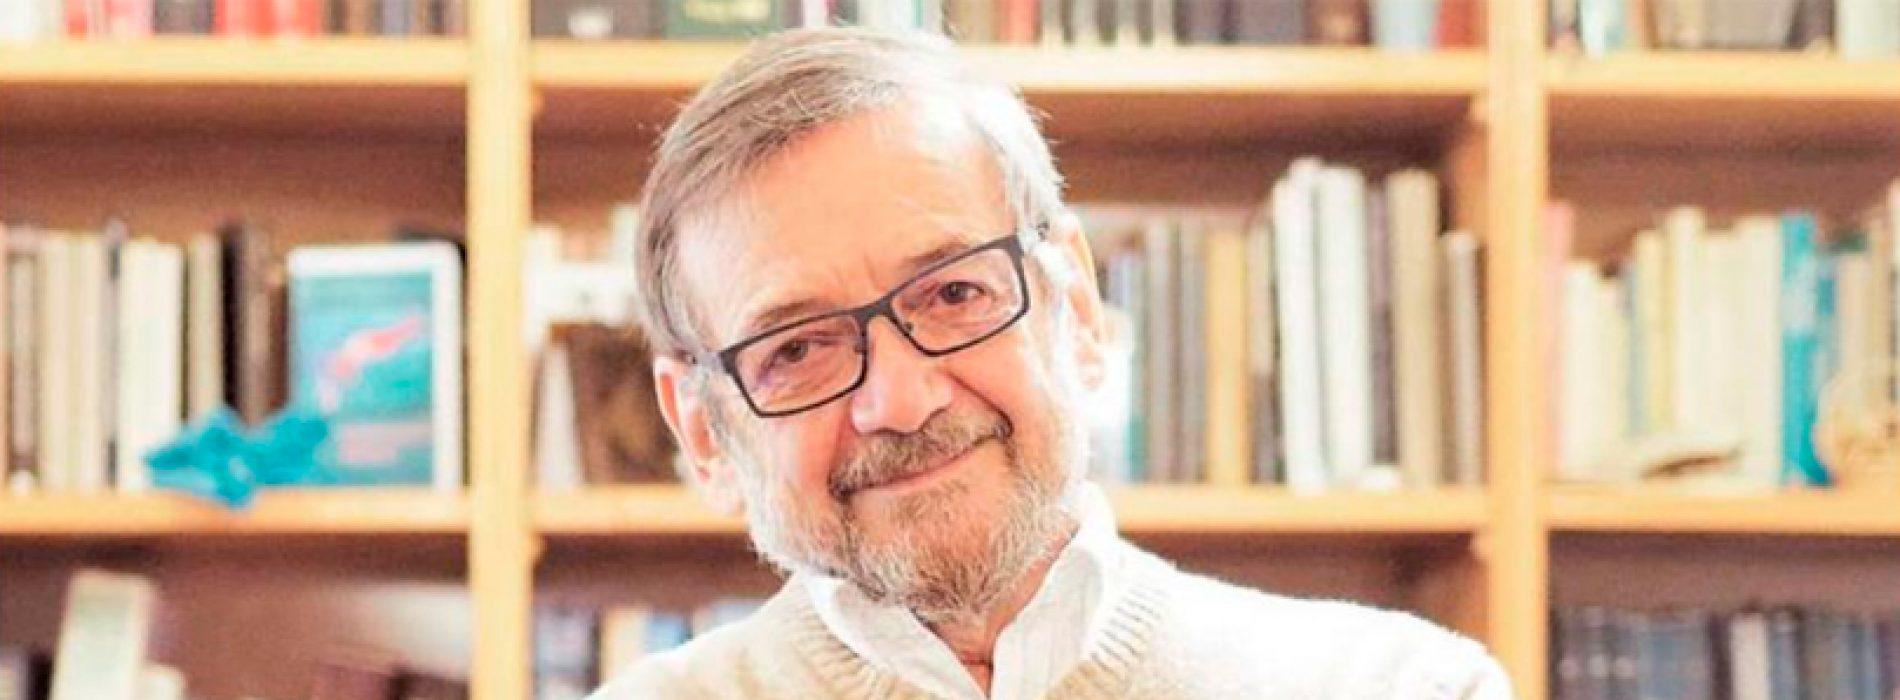 Dr. Ramón Latorre, Director del CINV, en entrevista con El Mercurio de Valparaíso sobre nuevo Ministerio de Ciencia